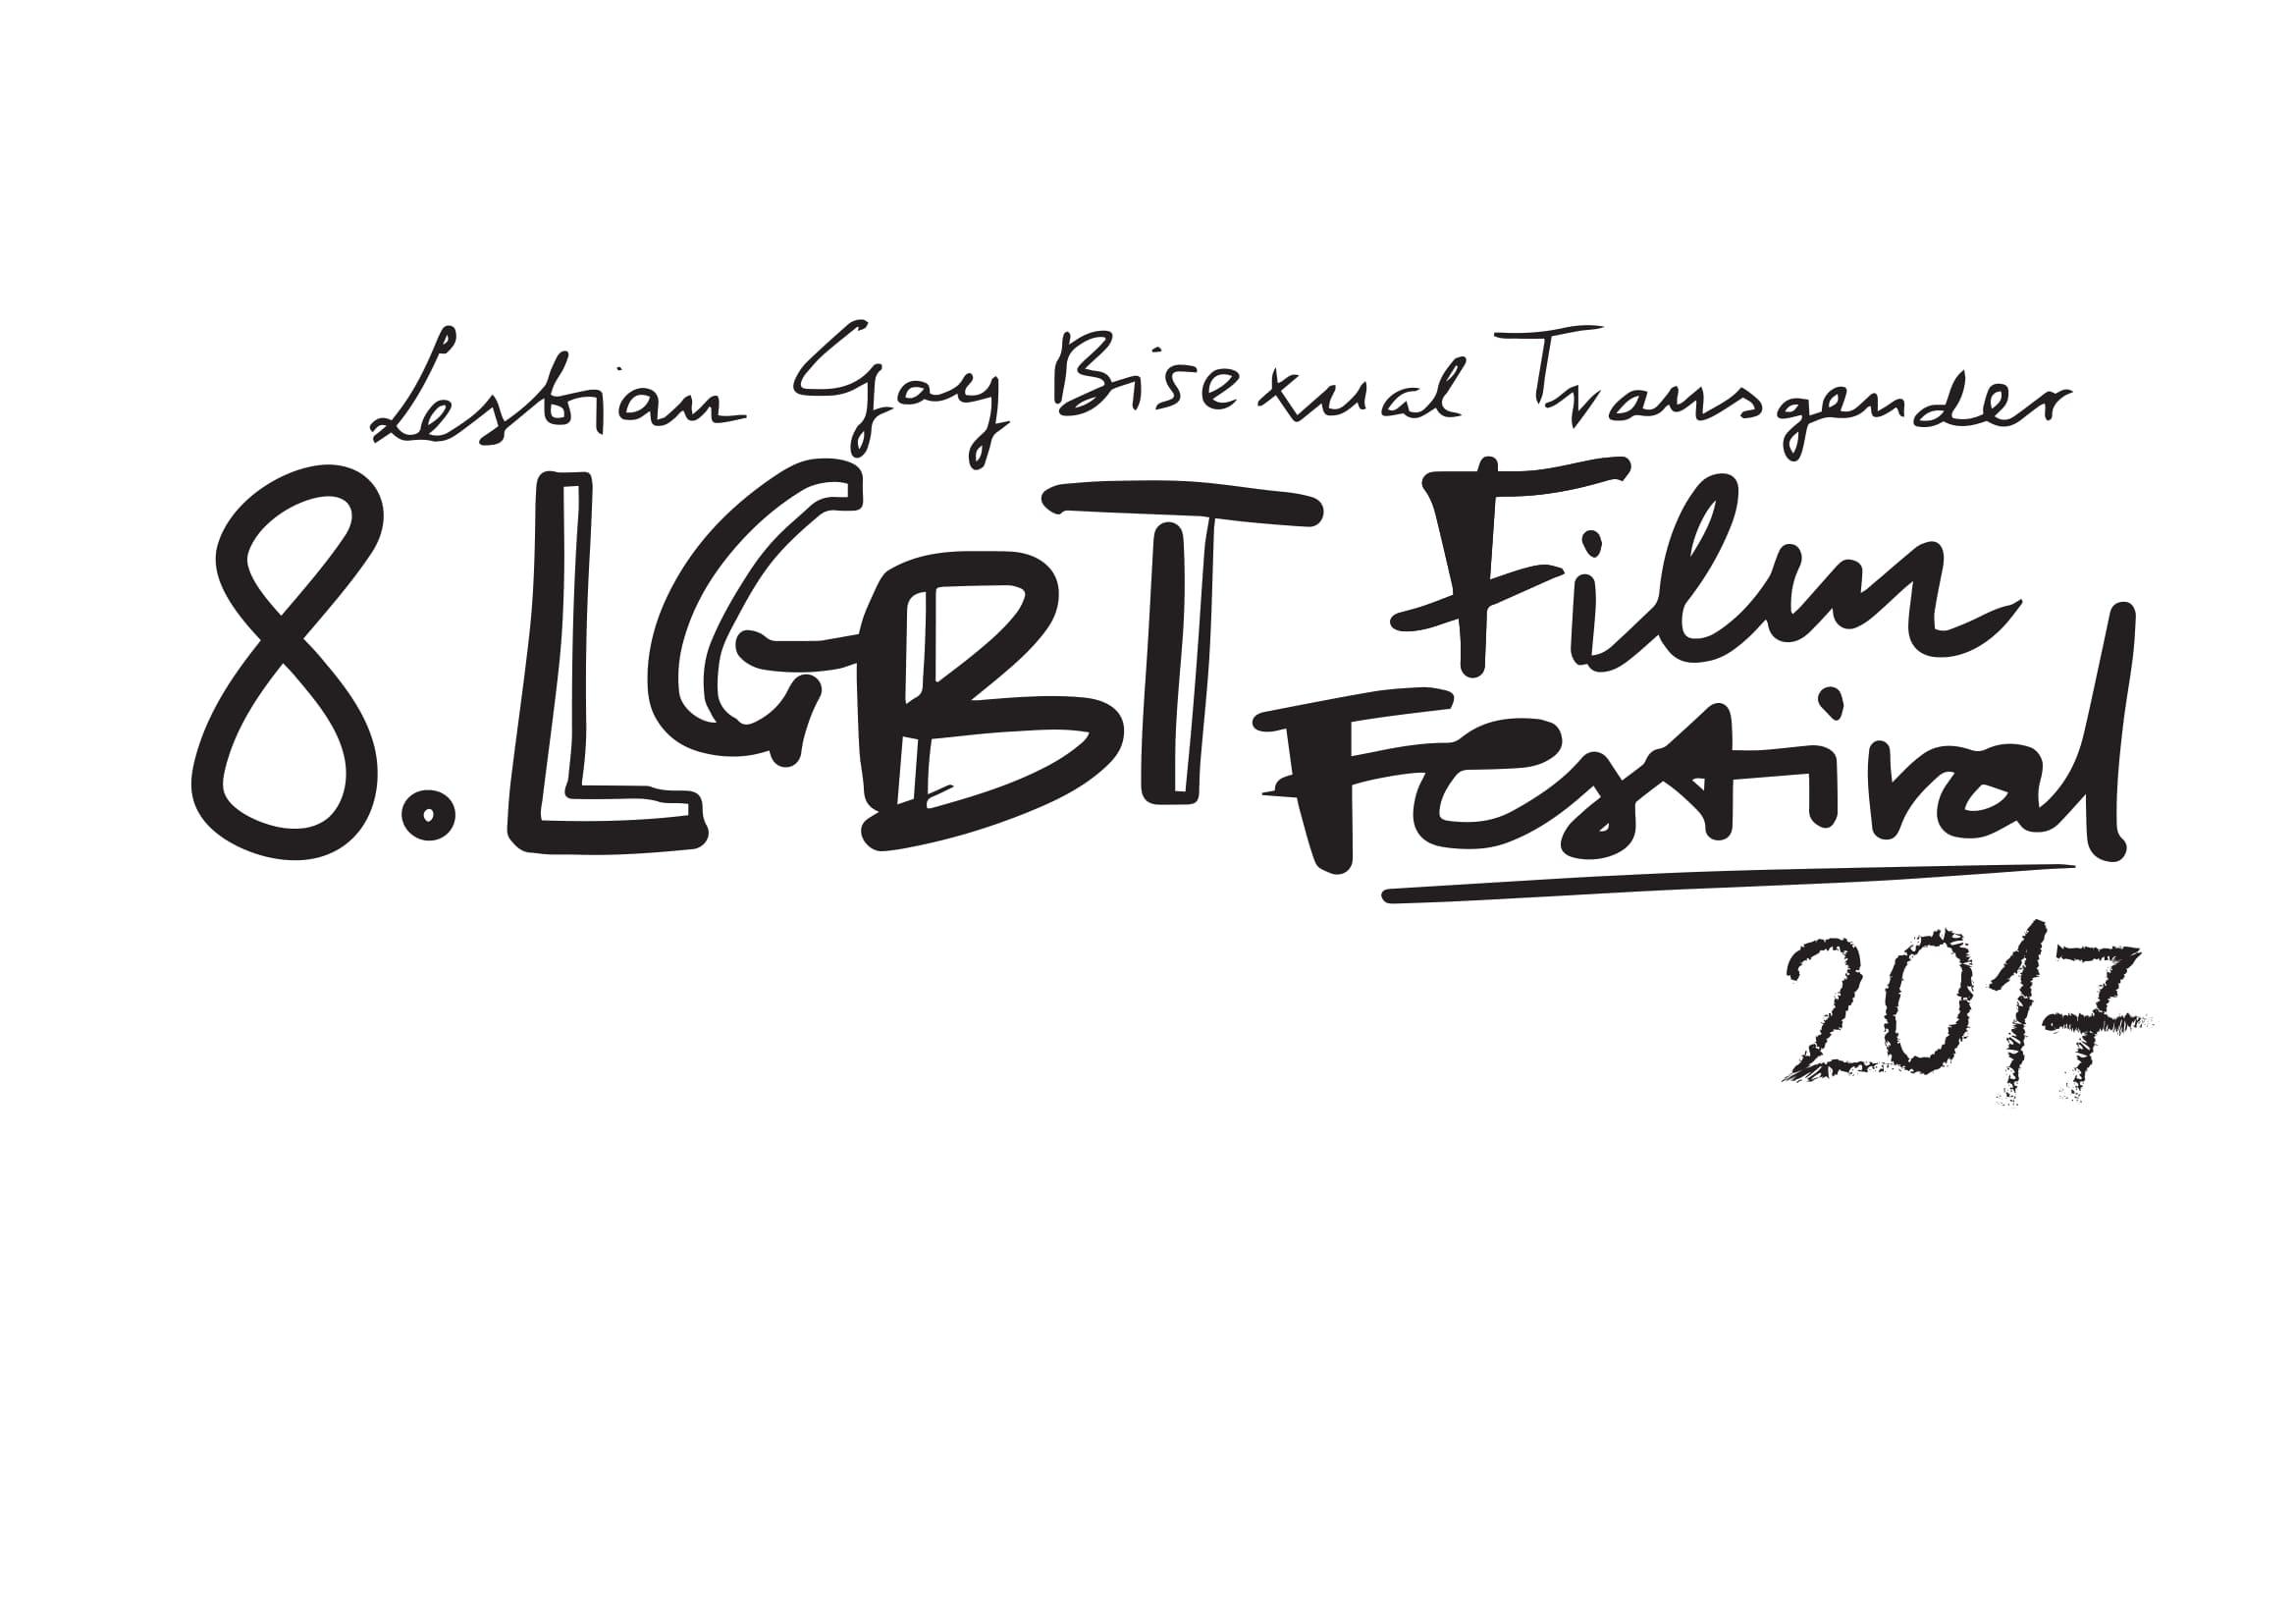 8LGBT_FF_logo_2017-1